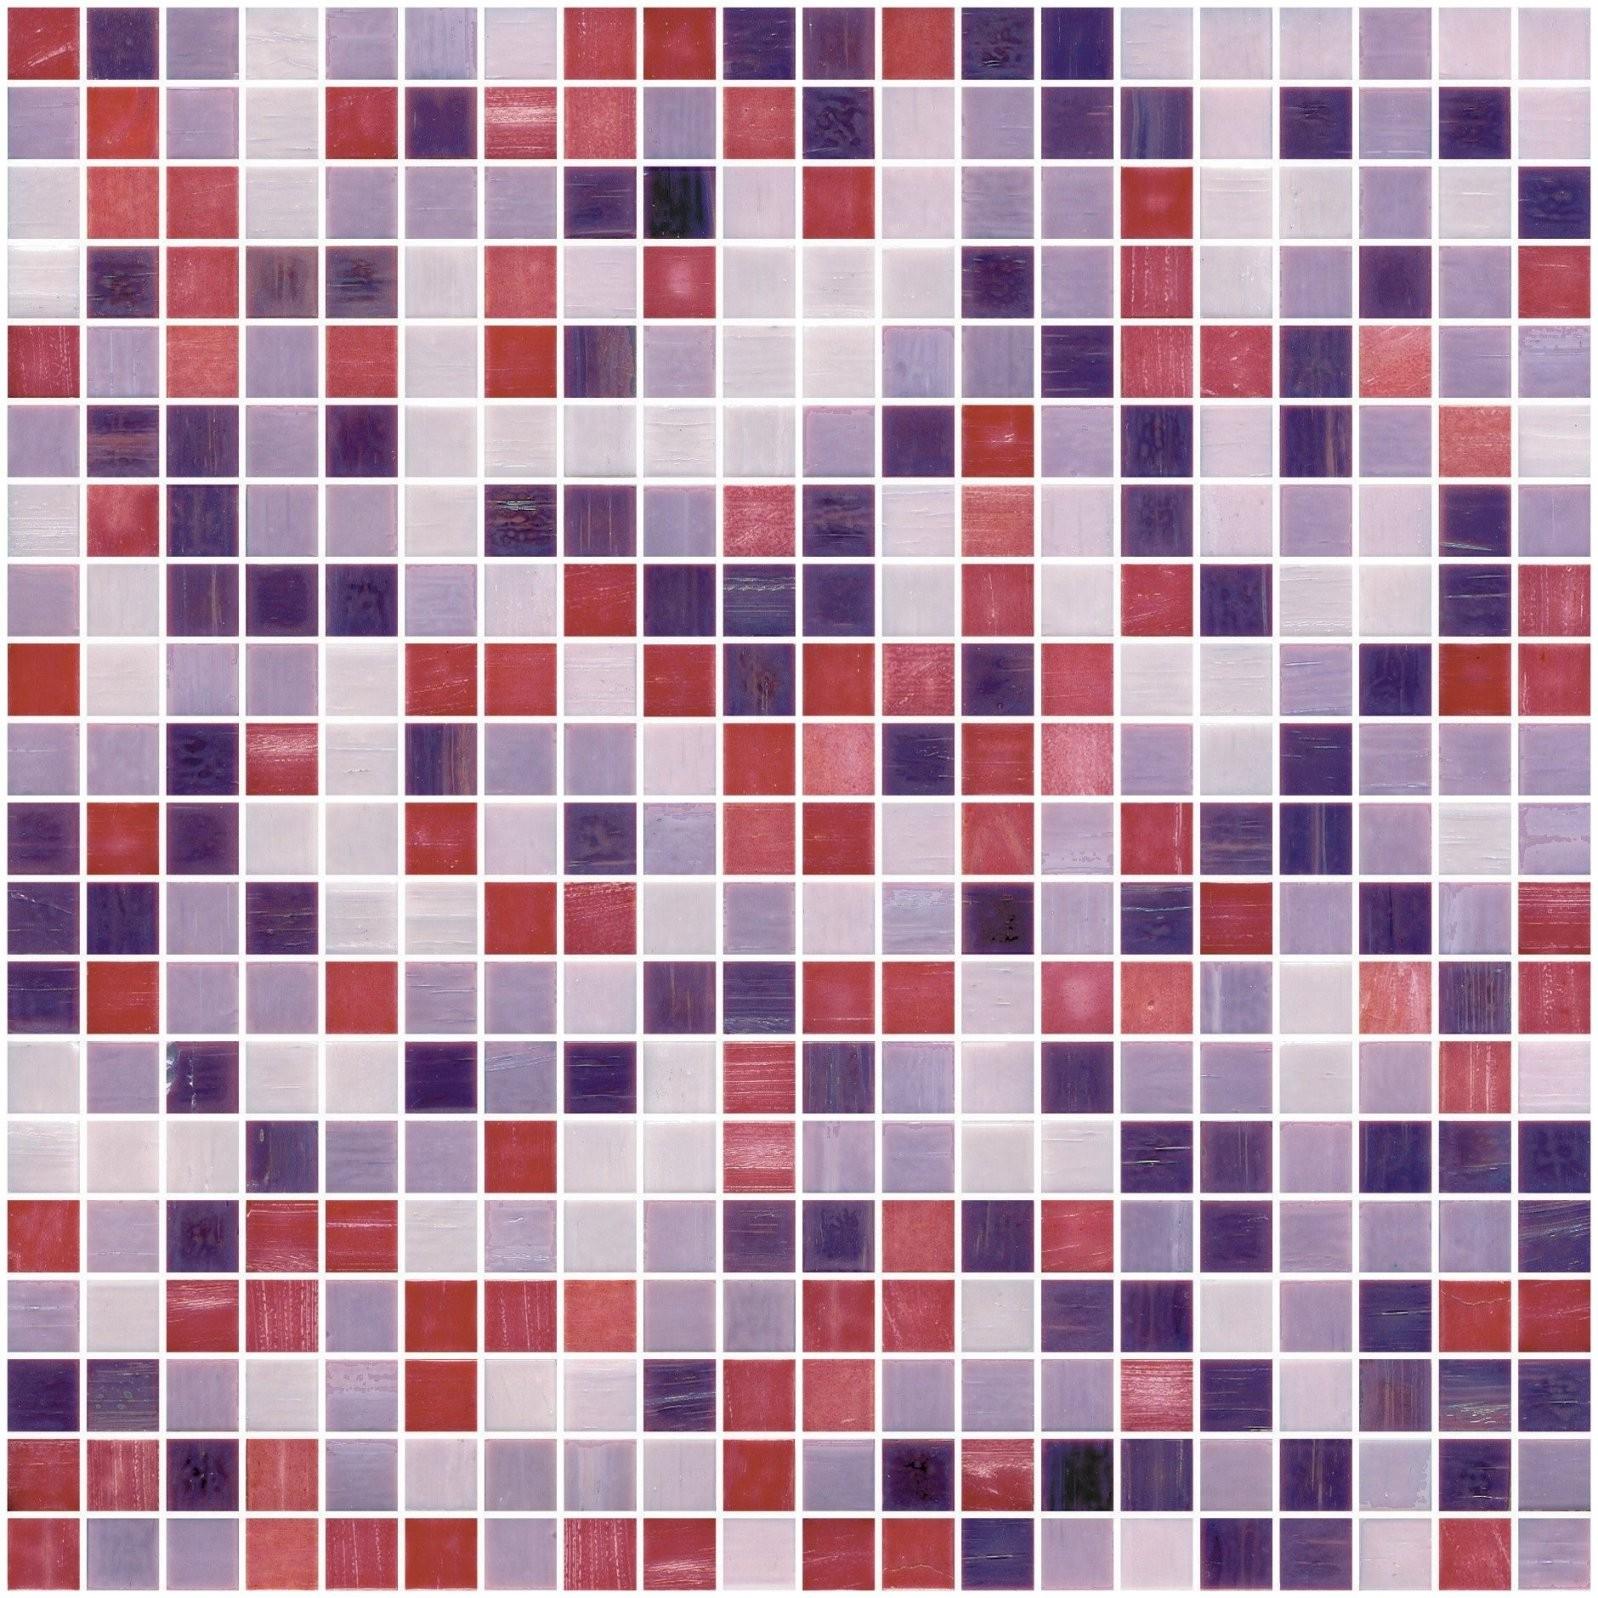 Bunte Mosaikfliesen Für Ihr Projekt Günstig Einkaufen  Fliesen von Mosaik Fliesen Günstig Photo